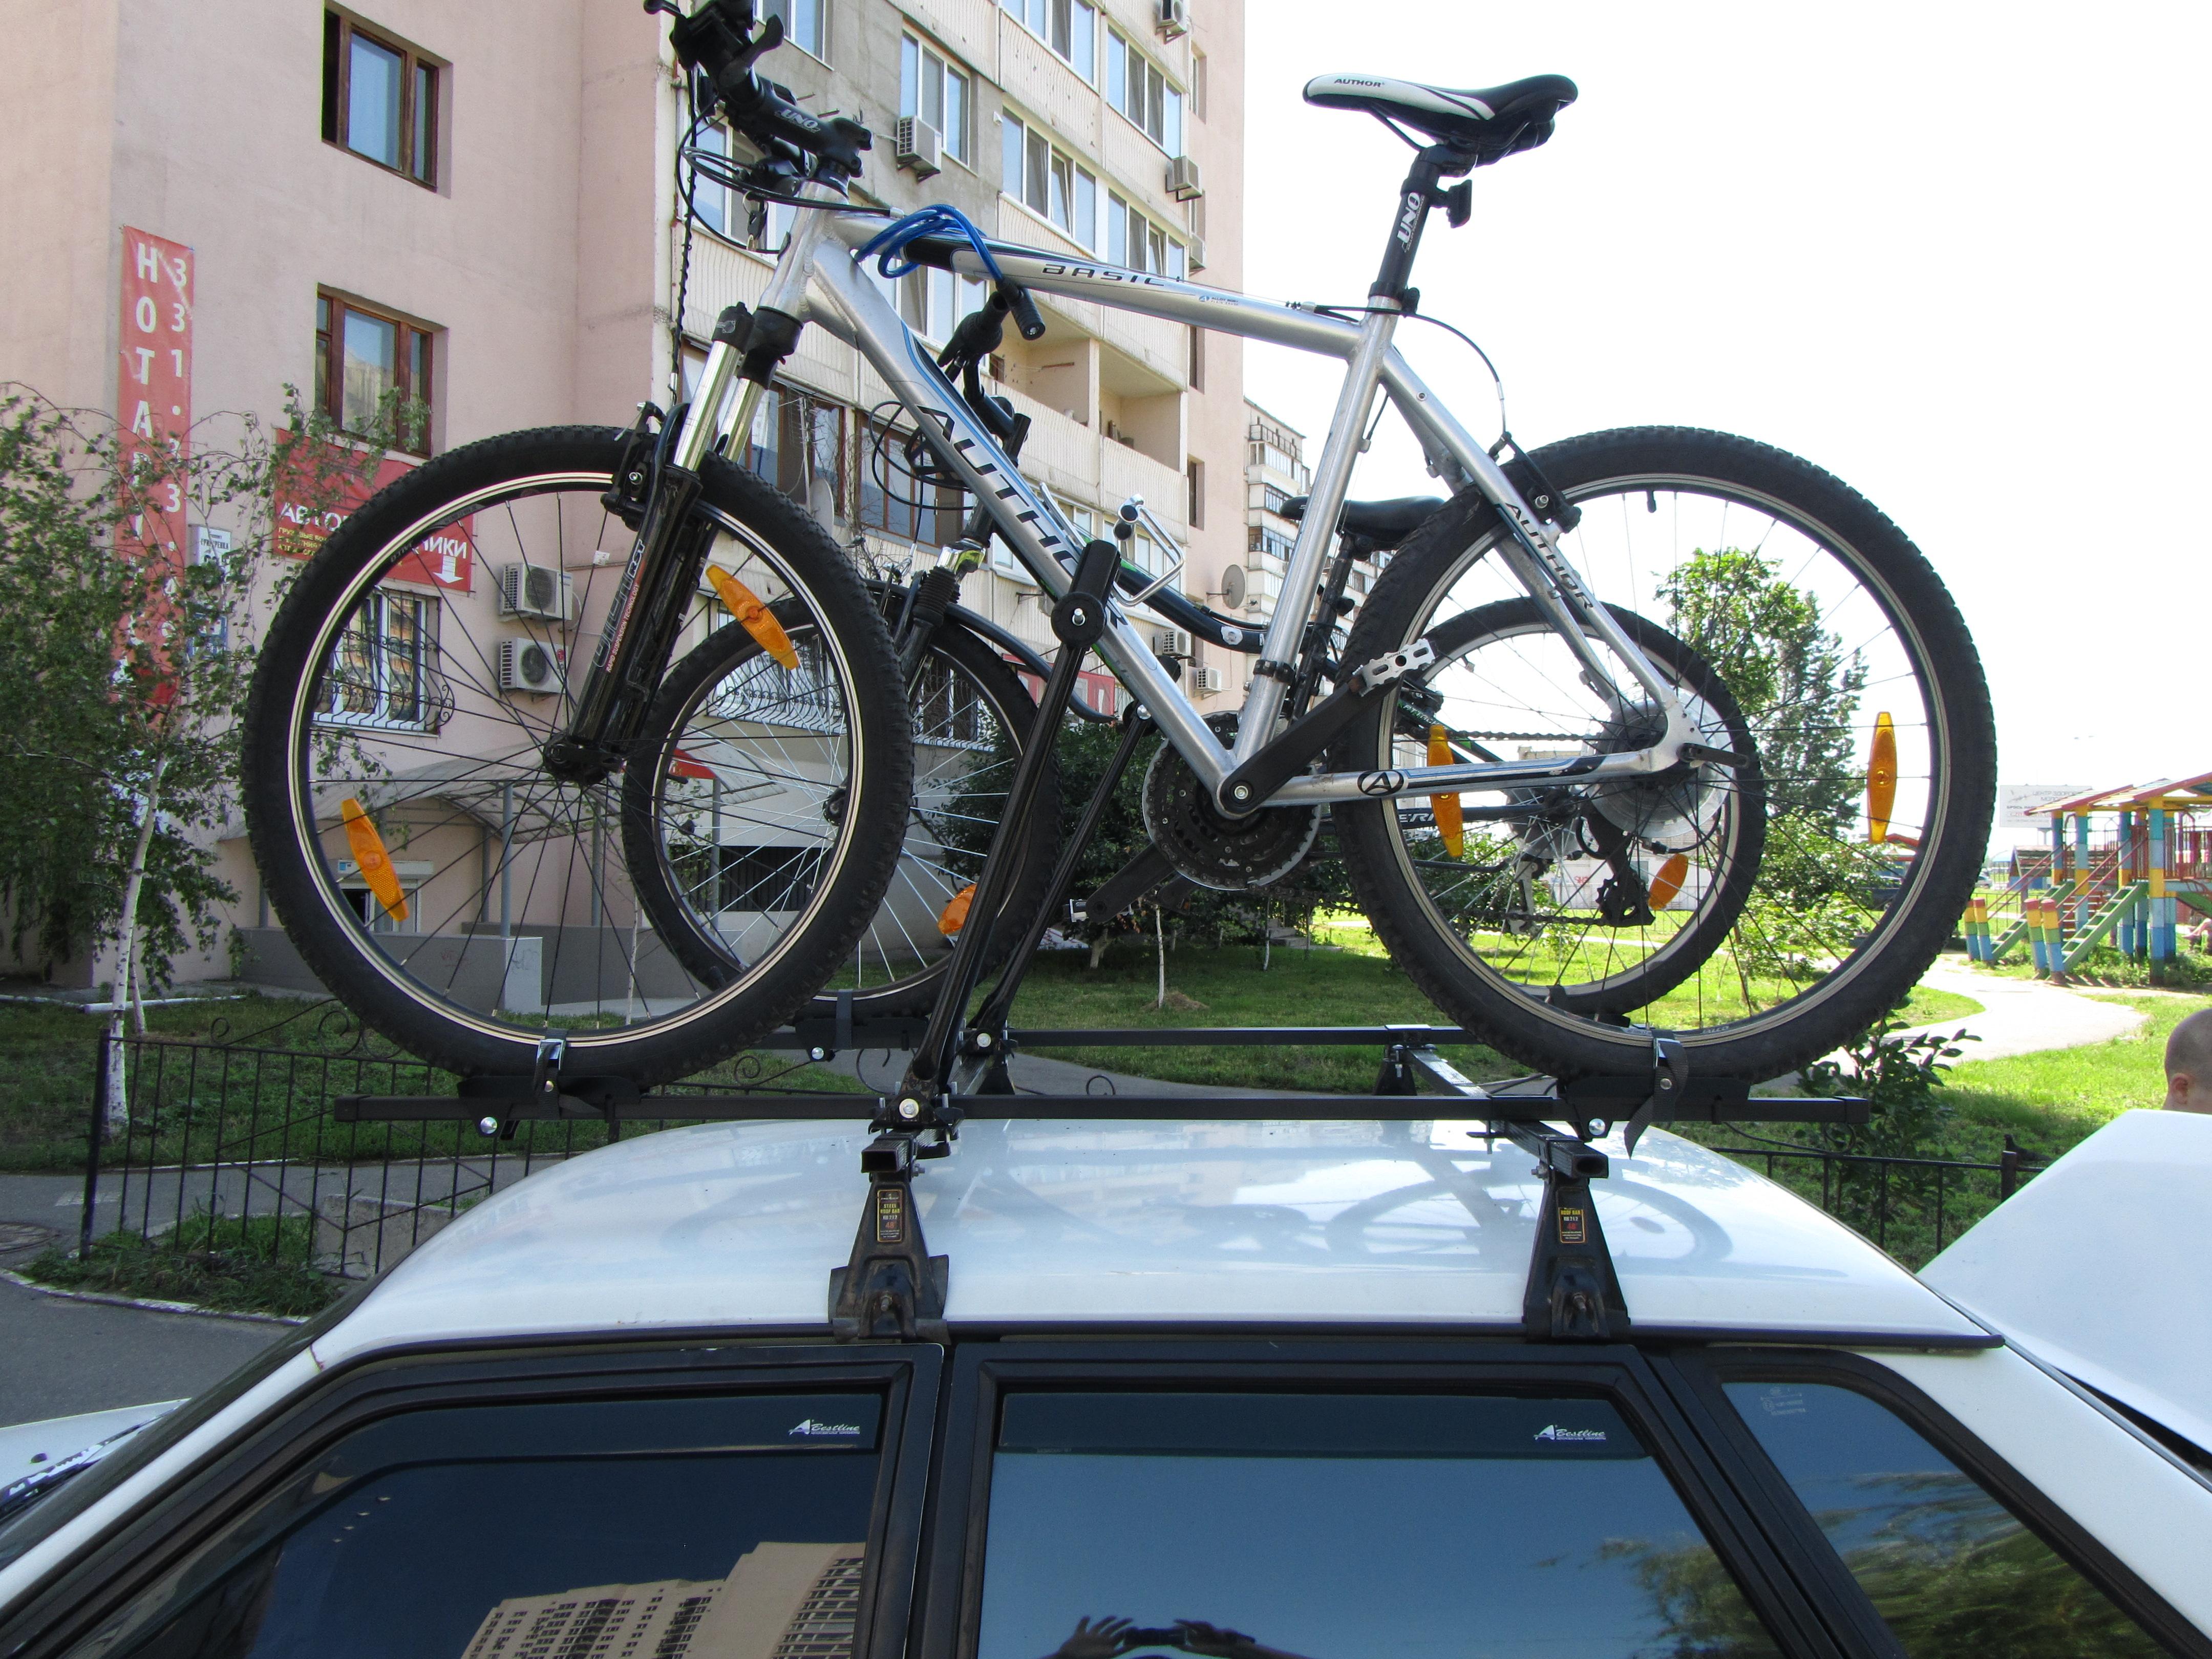 Автобагажник для велосипеда на крышу своими руками